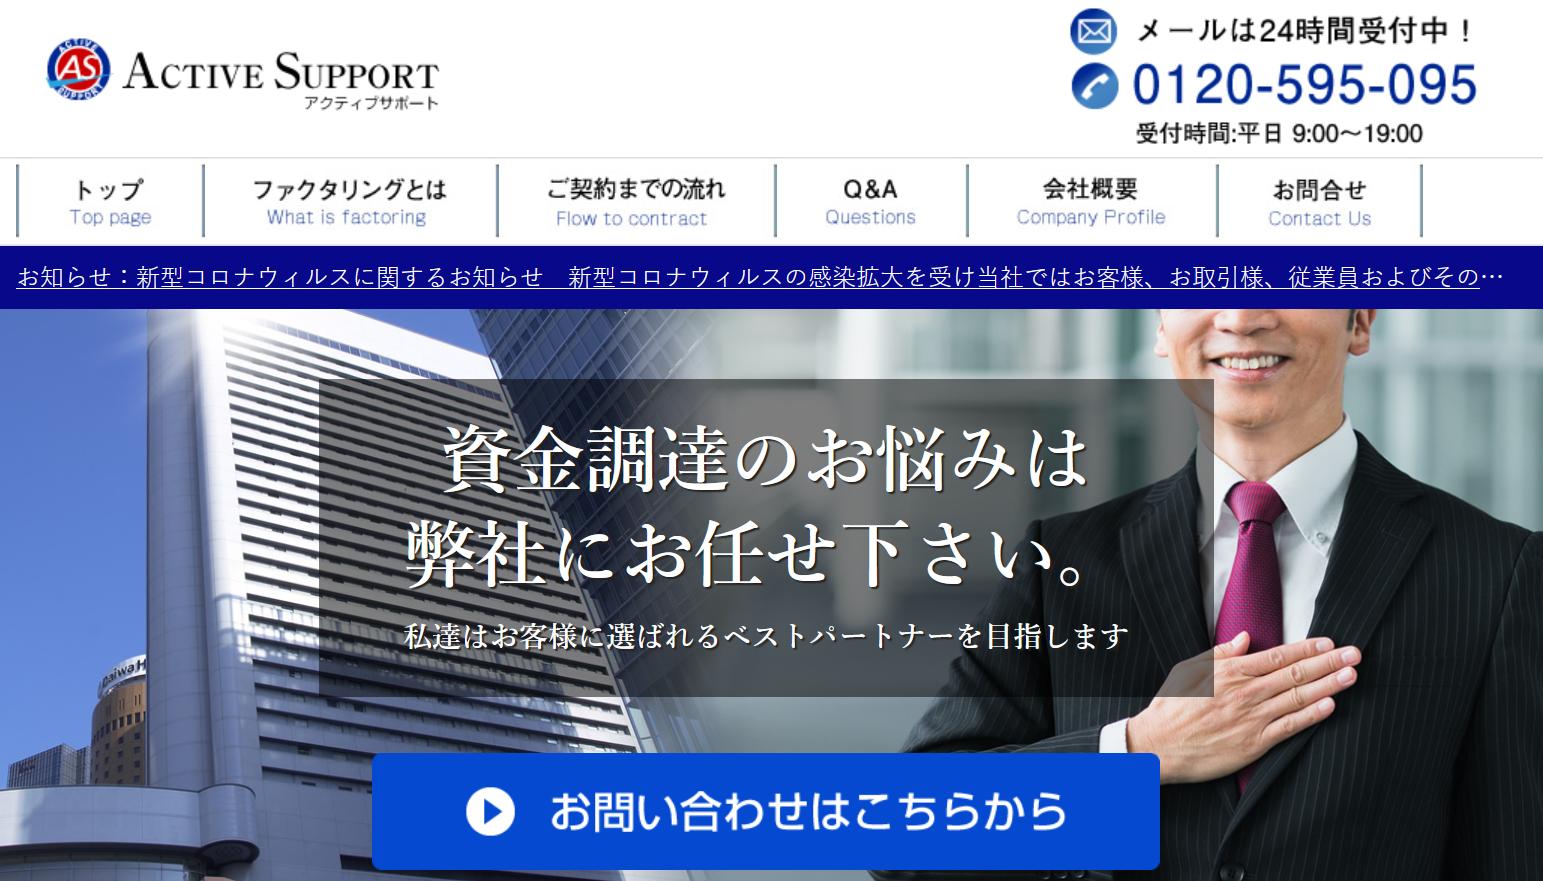 ファクタリング 評判_アクティブサポートのイメージ画像